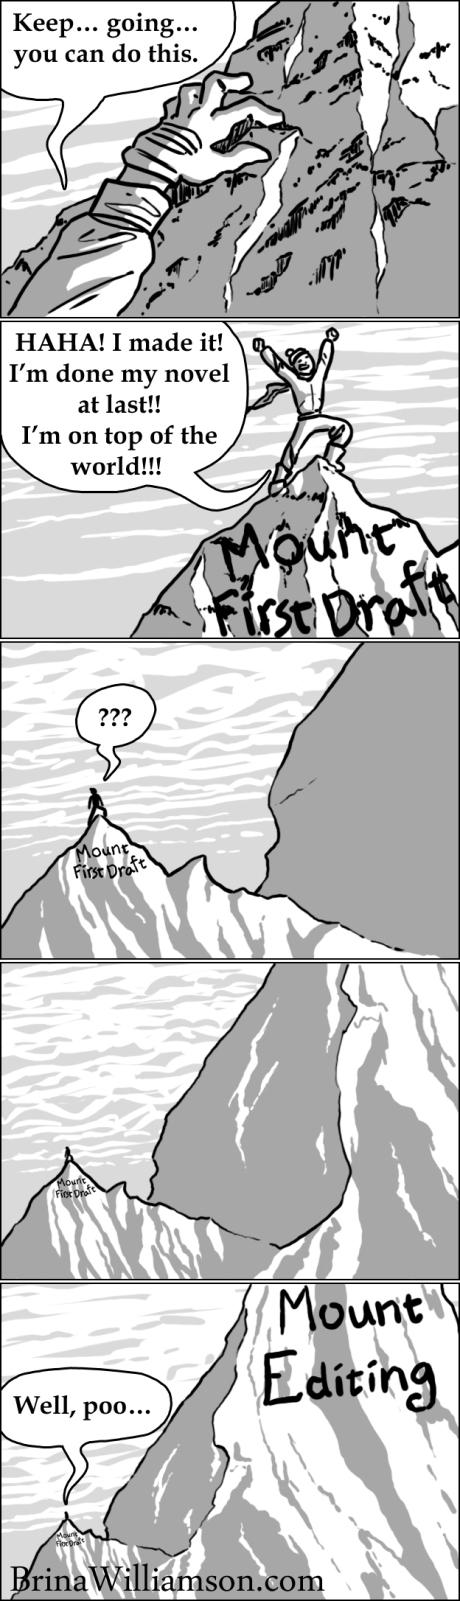 Mount Writing